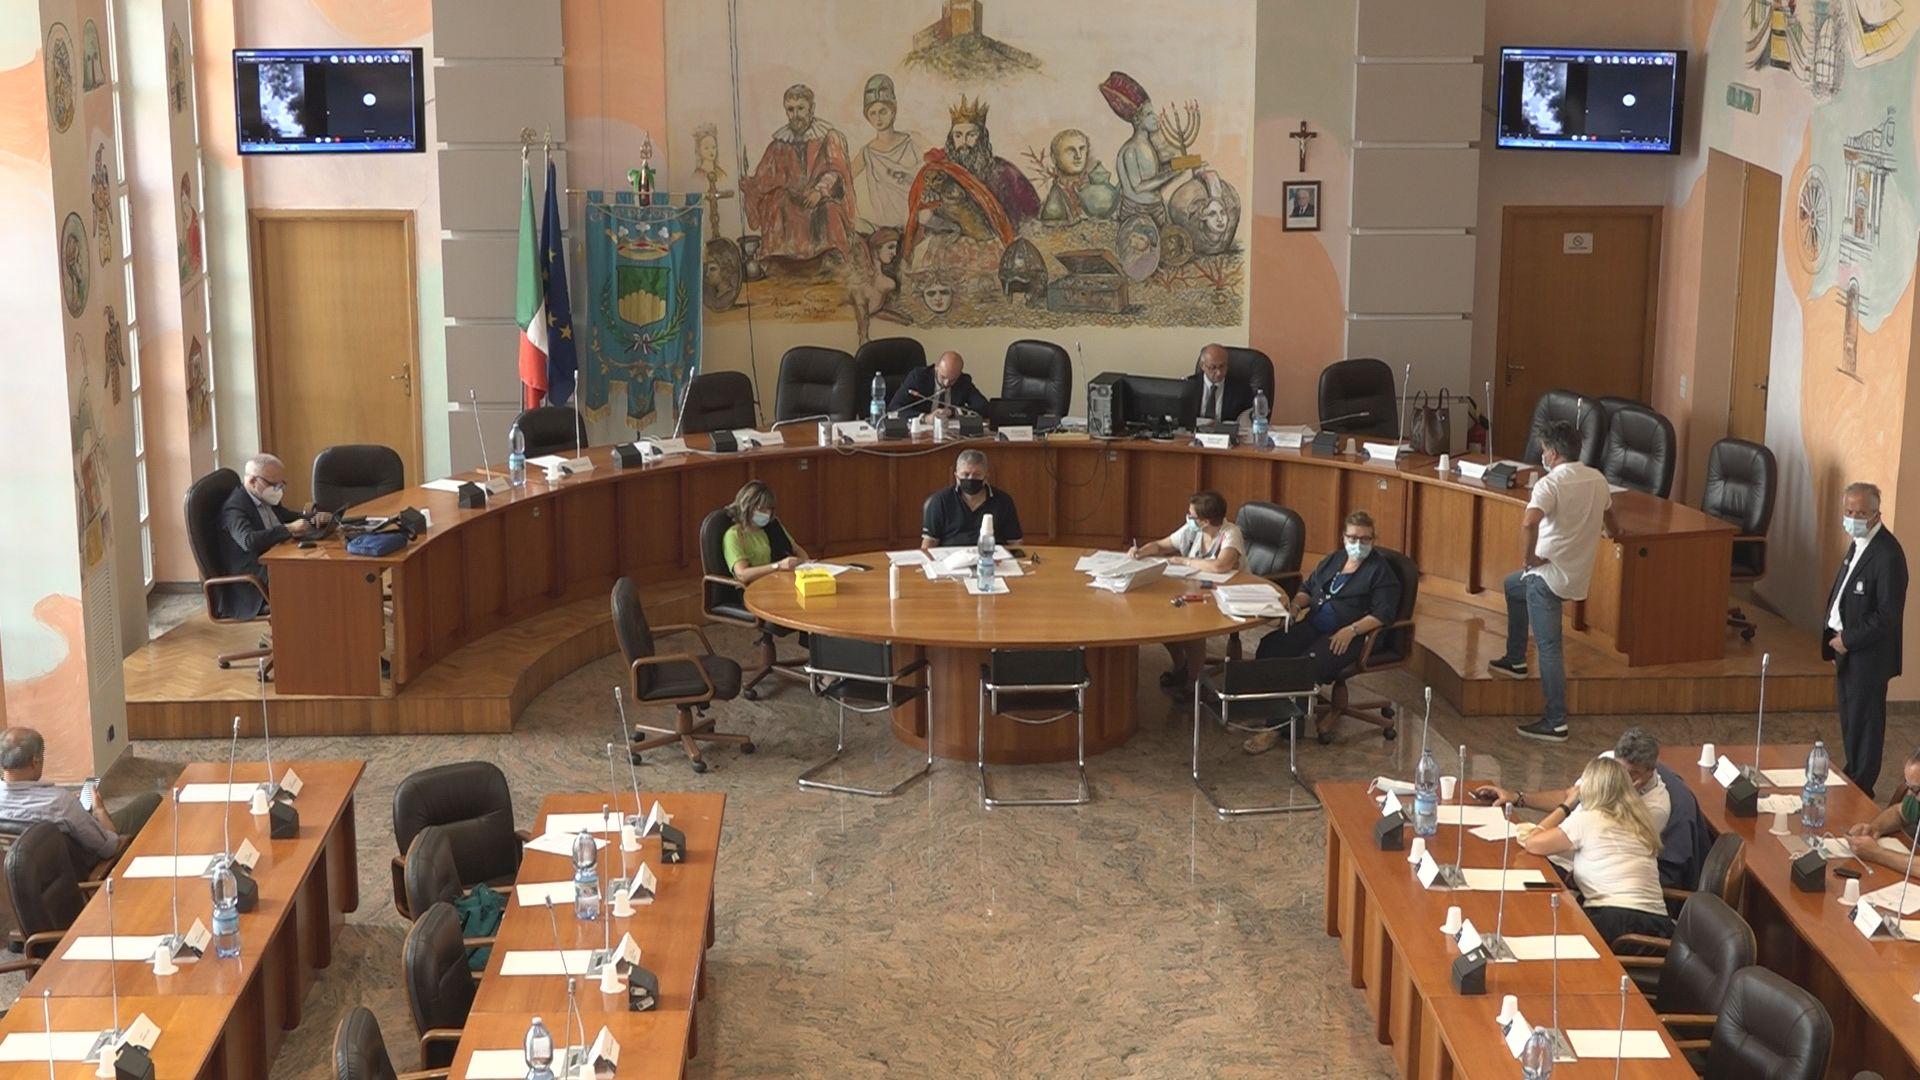 consiglio comunale del 5 agosto 2021